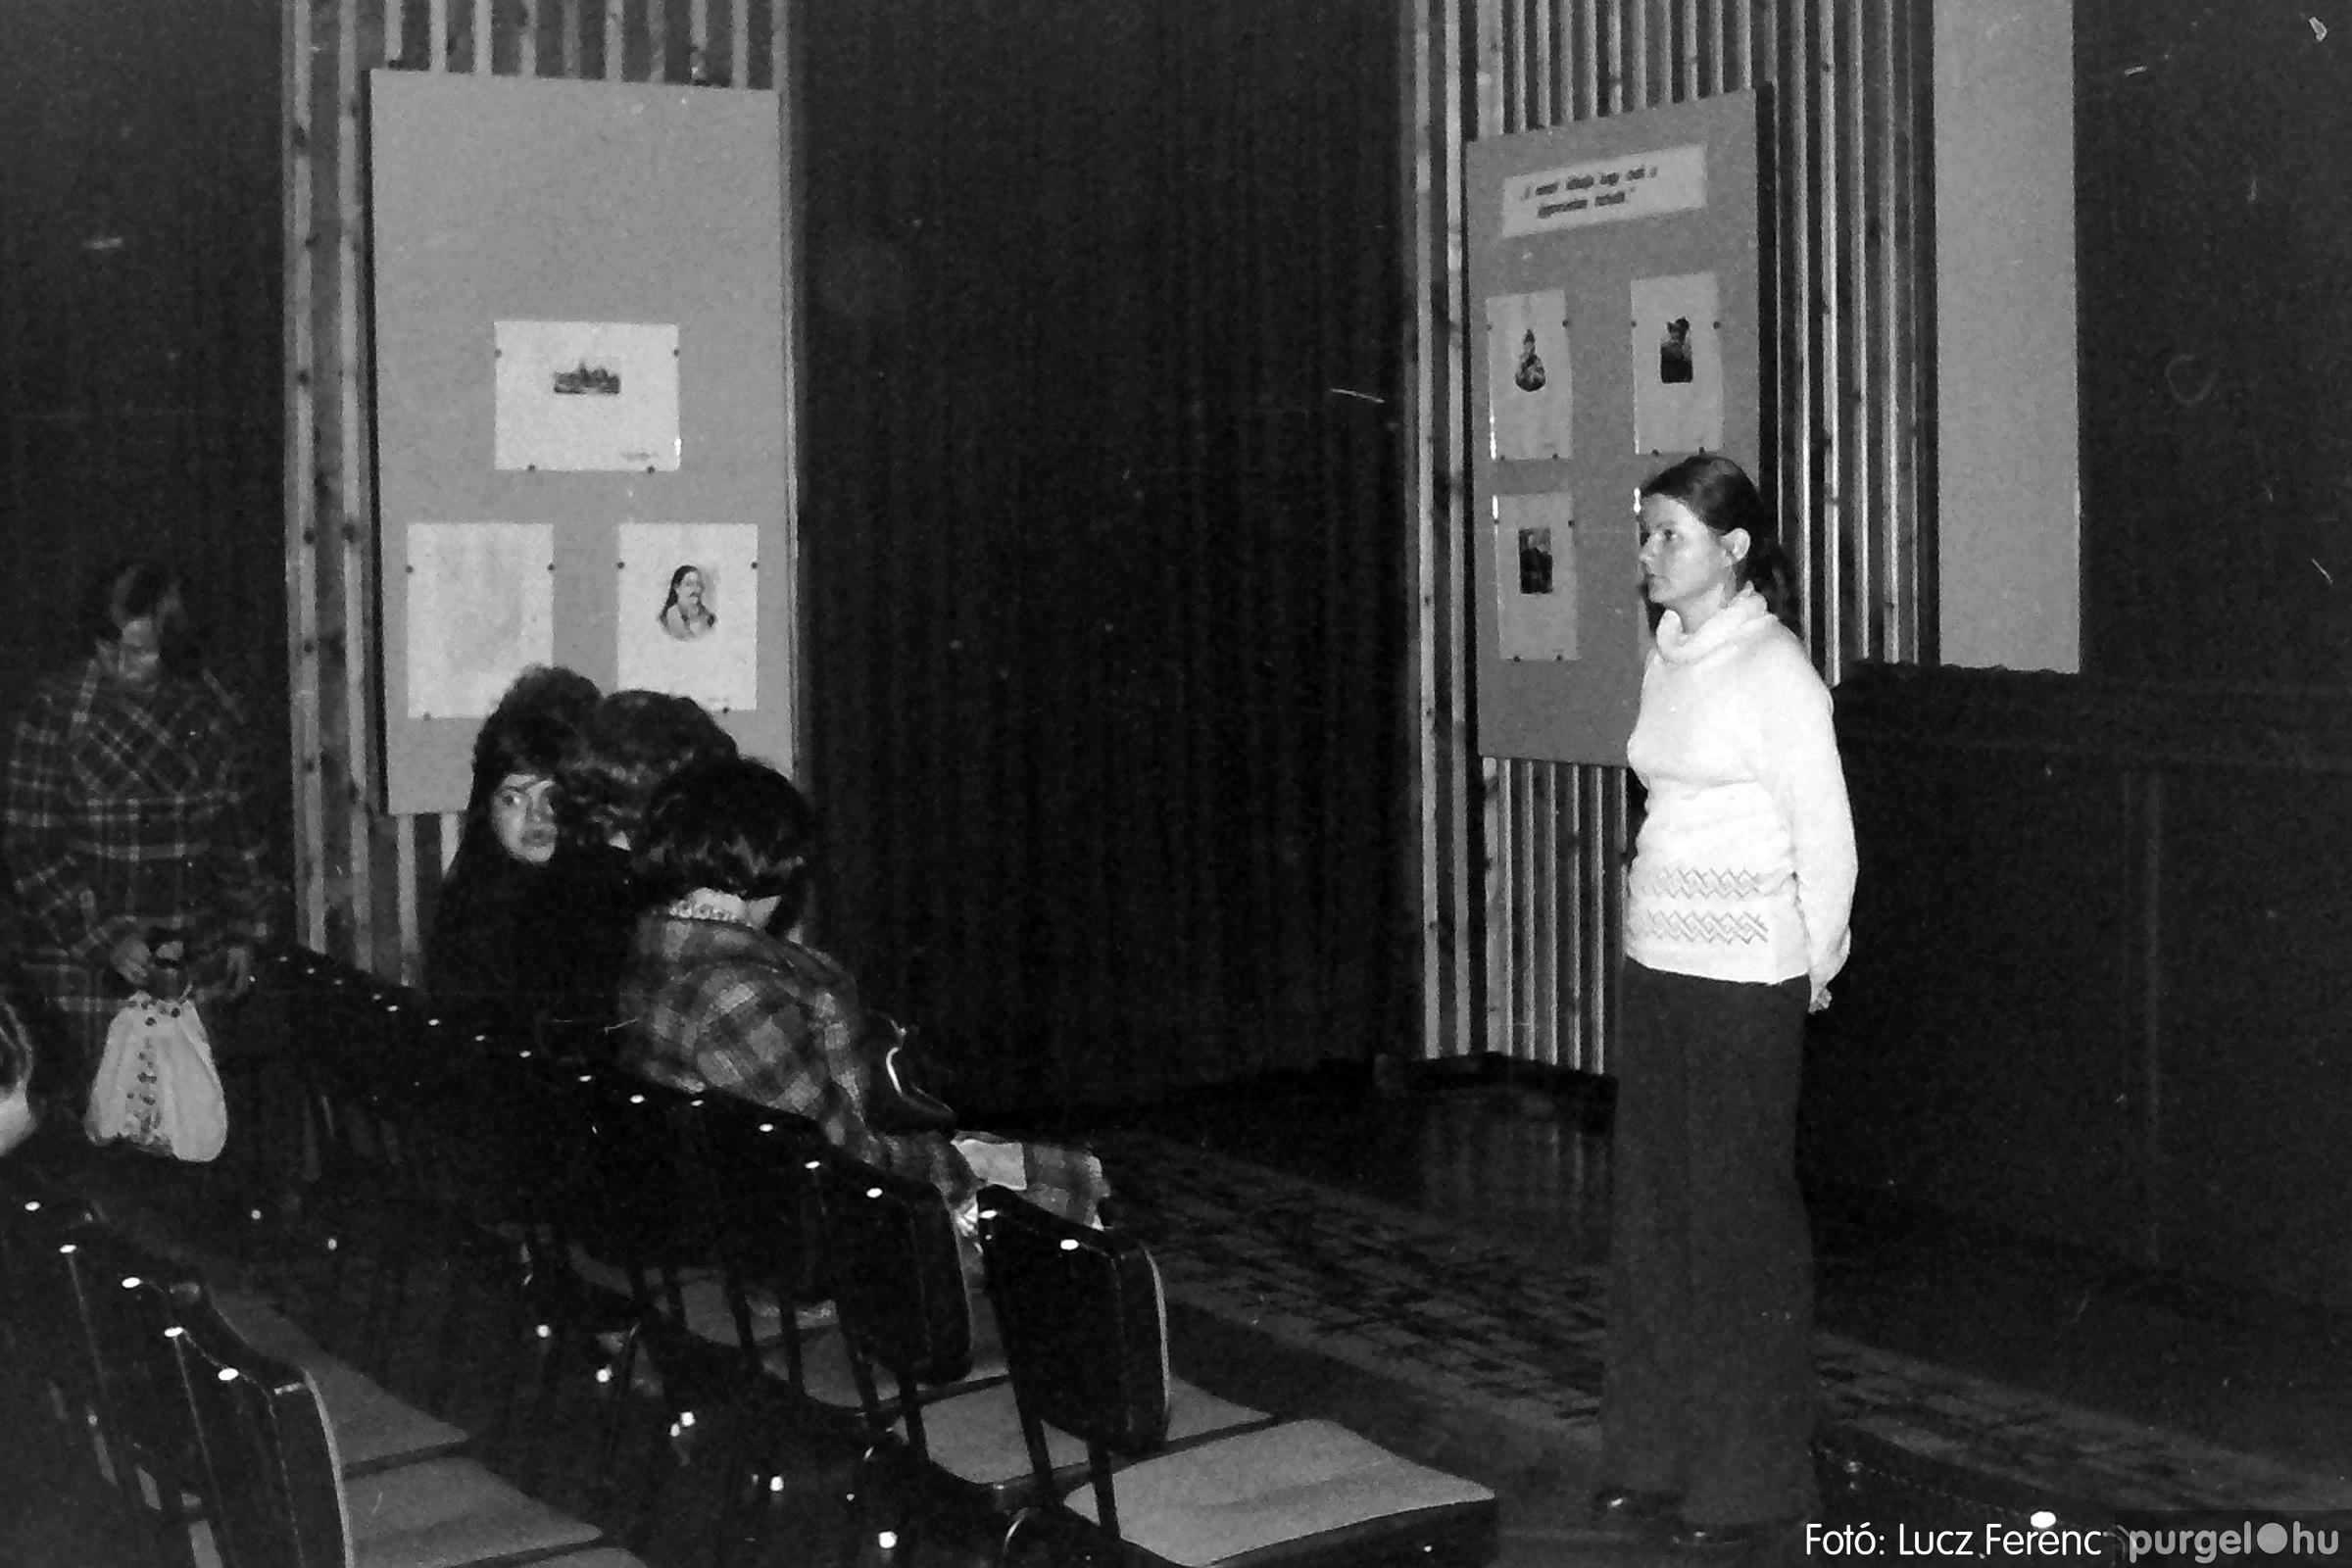 064. 1976. Kiállítás a kultúrházban 001. - Fotó: Lucz Ferenc.jpg